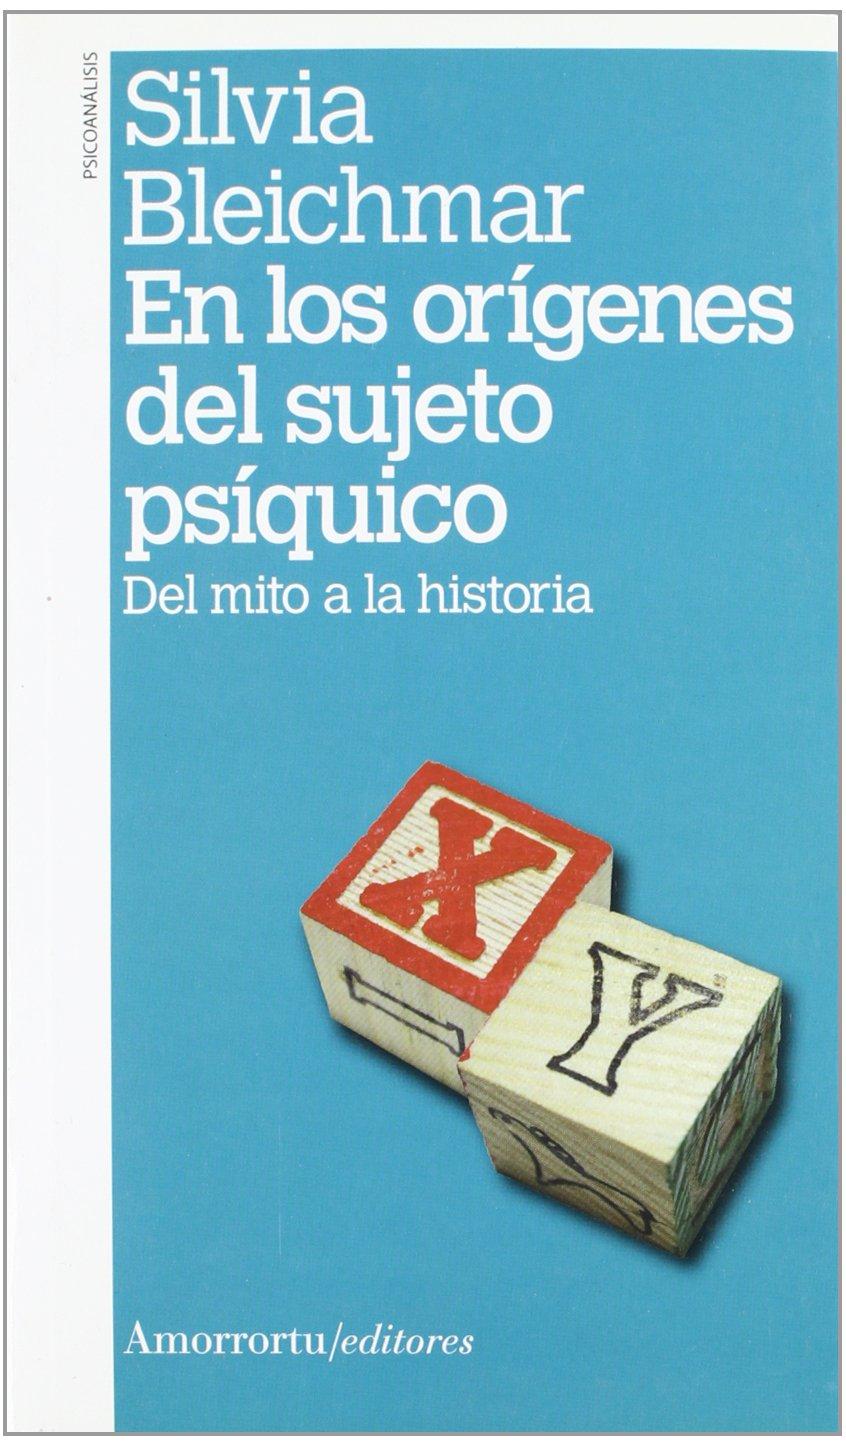 En los orígenes del sujeto psíquico: Del mito a la historia Psicoanálisis: Amazon.es: Silvia Bleichmar: Libros